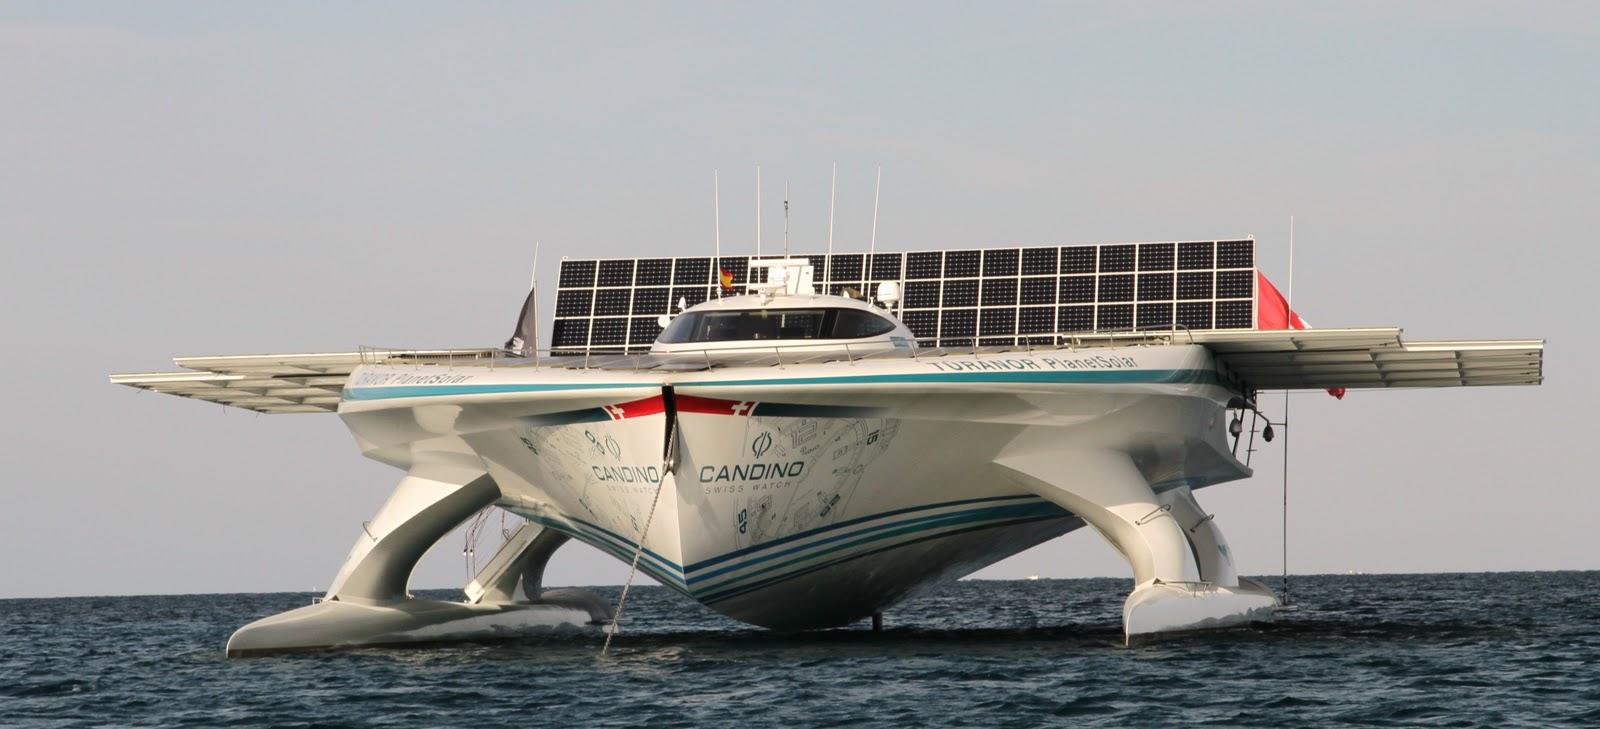 turanor planetsolar mega yacht - photo #16